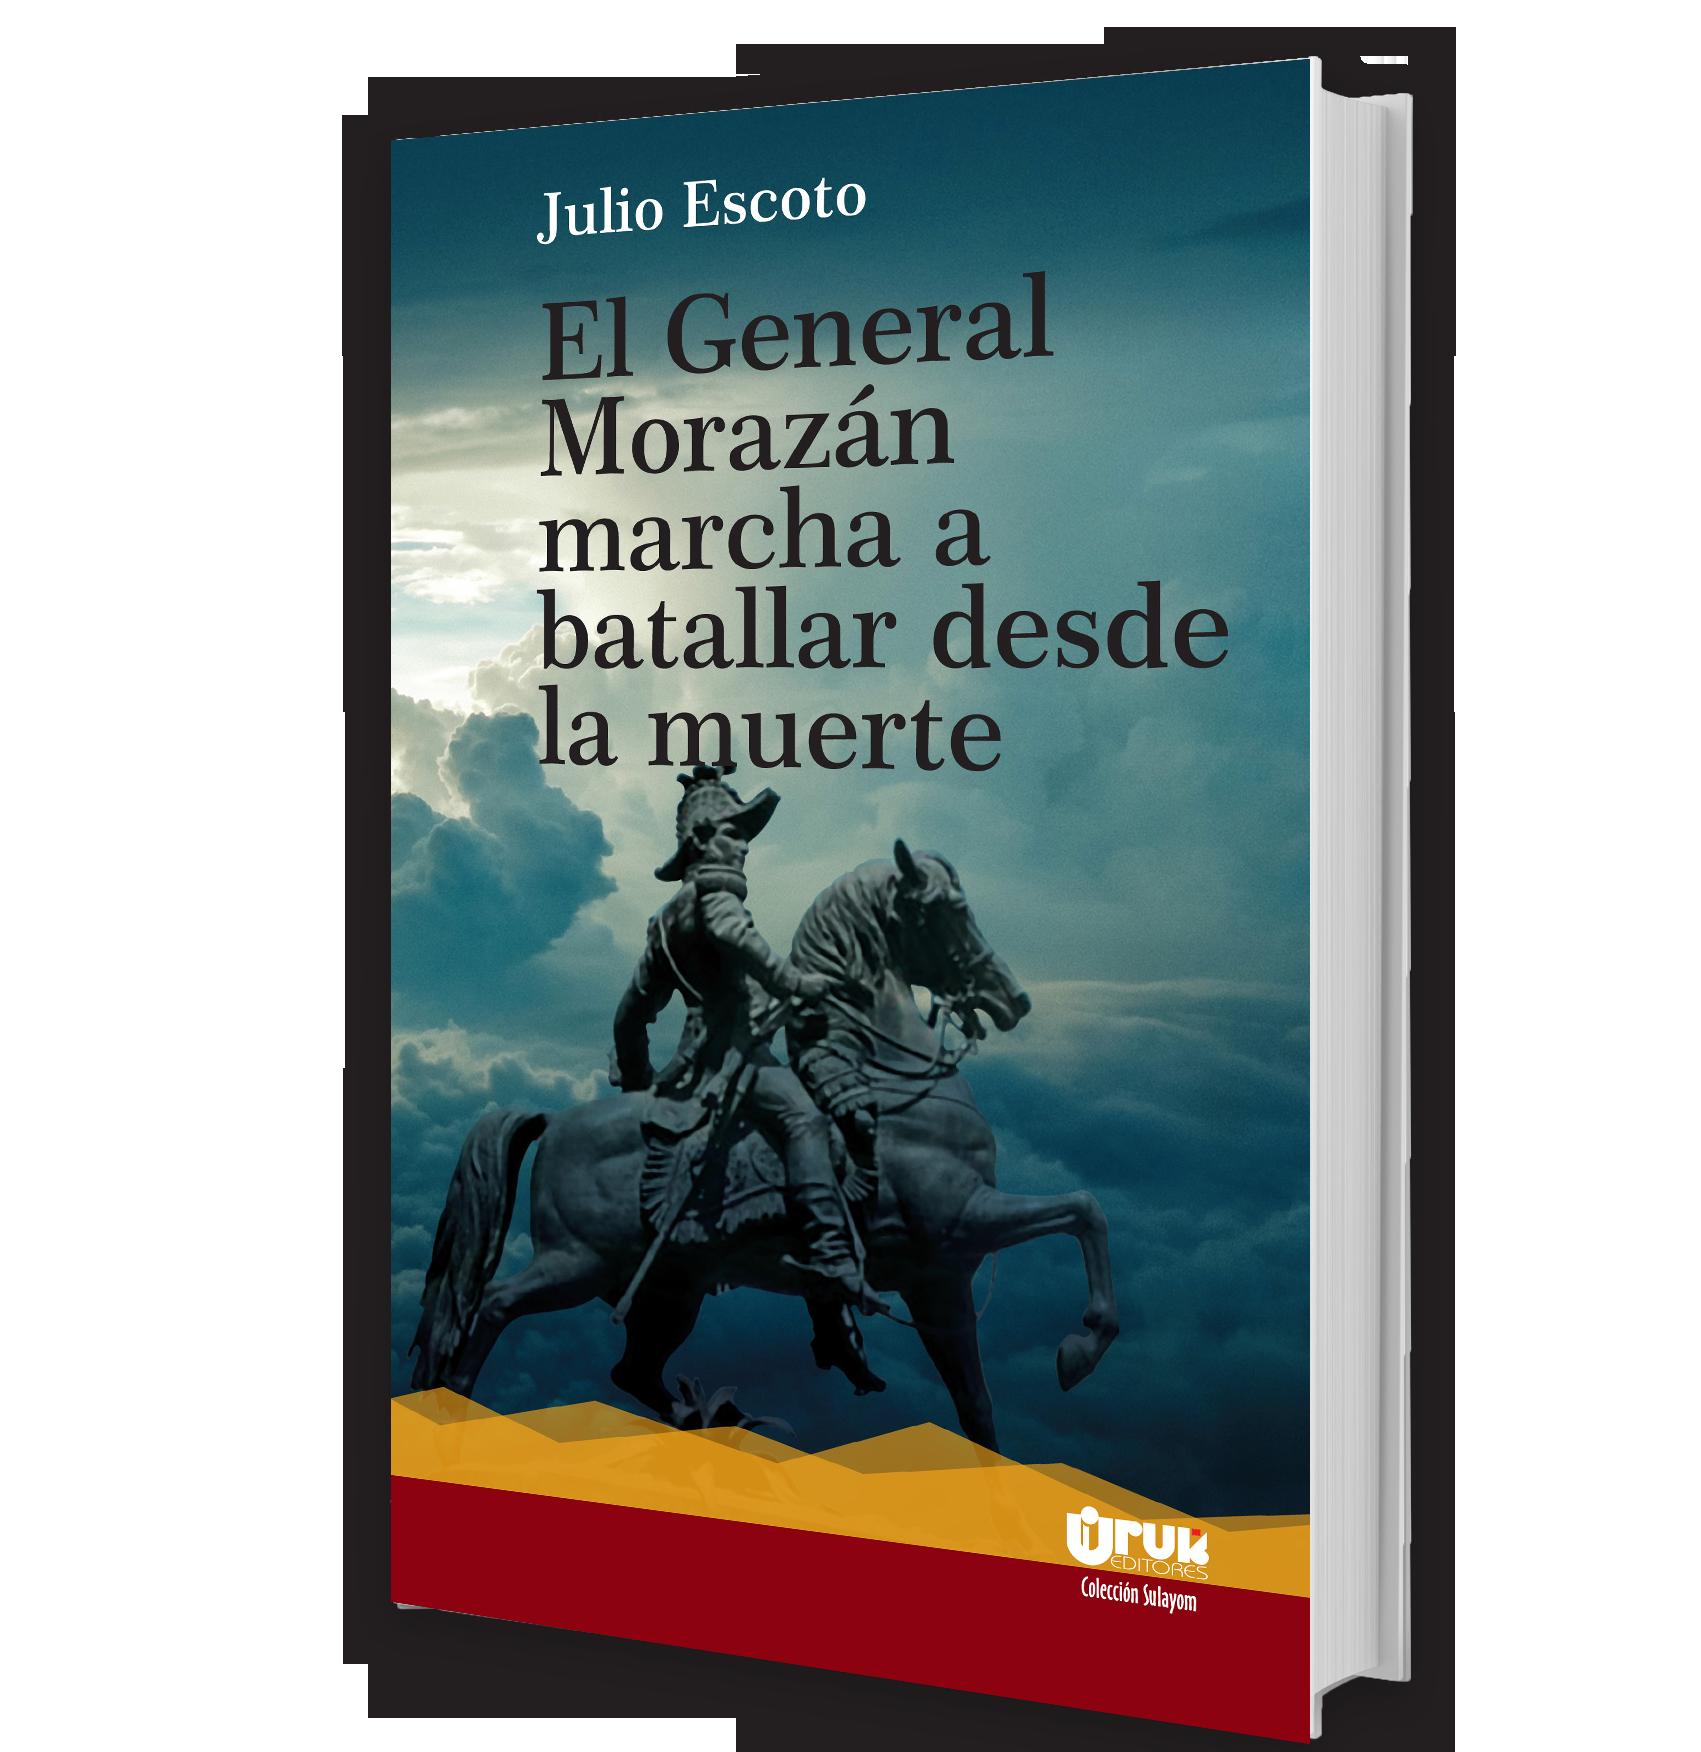 El General Morazán marcha a batallar desde la muerte